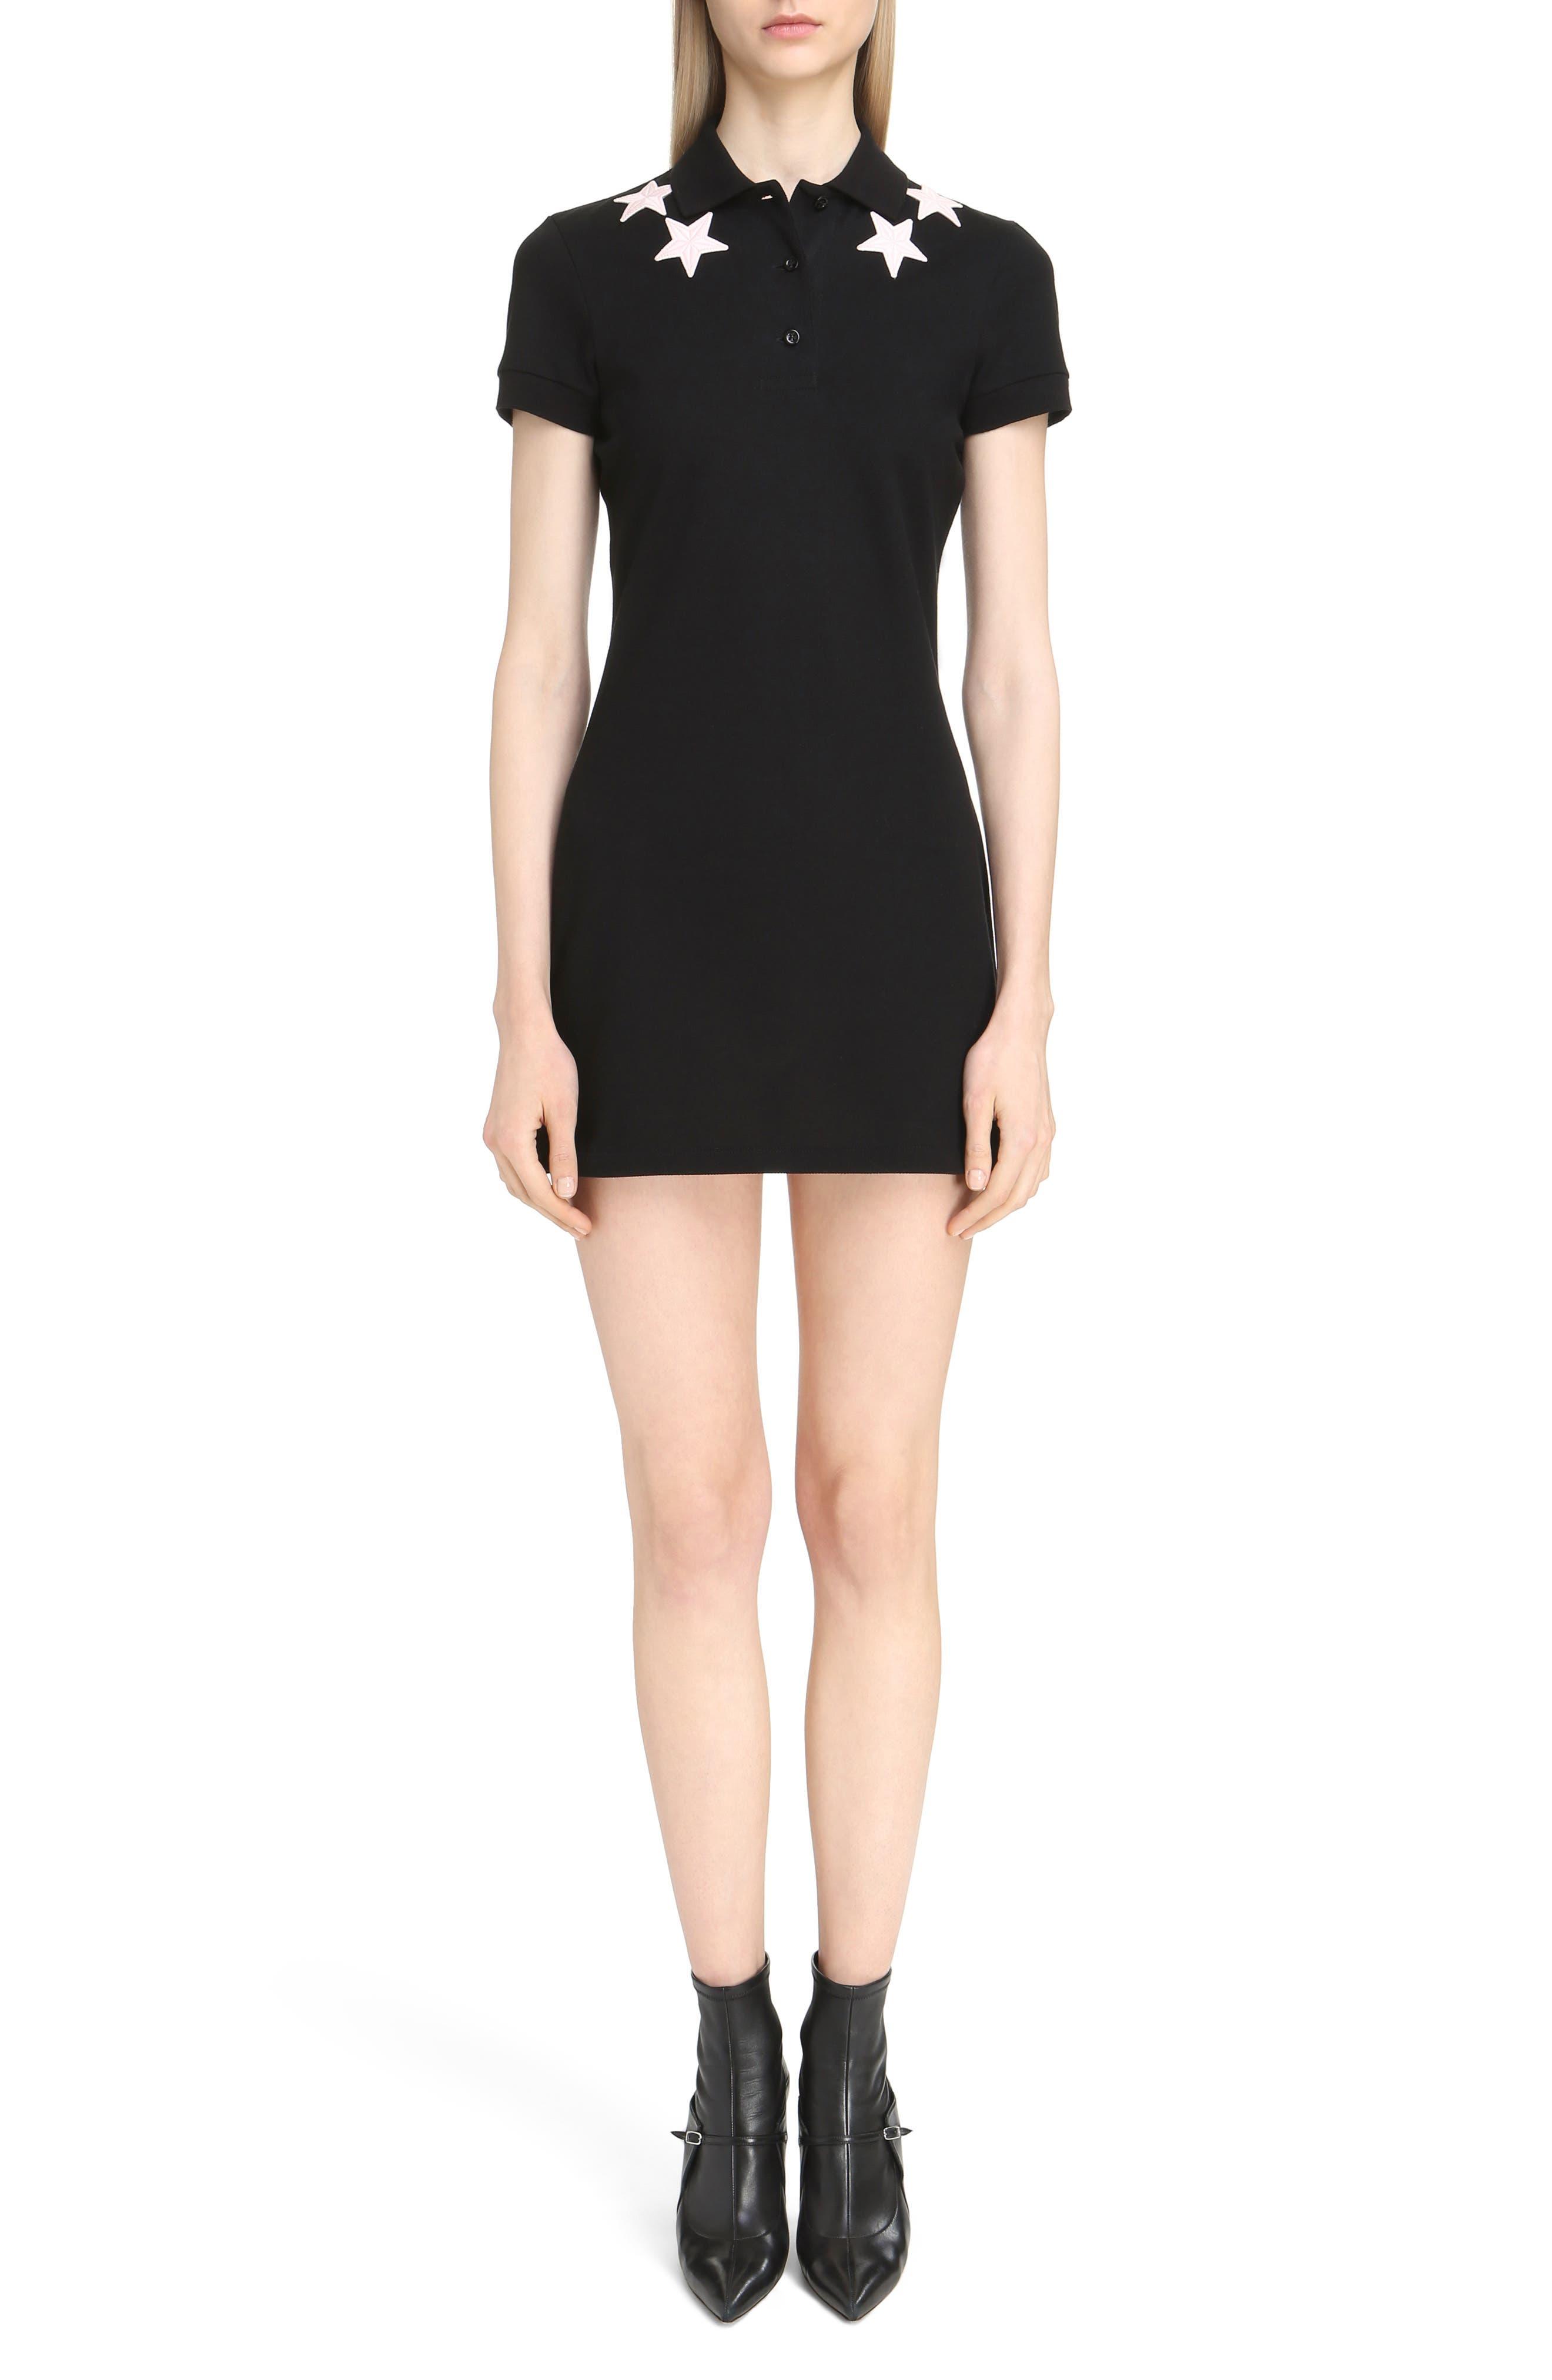 Star Embellished Polo Dress,                         Main,                         color, Black/ Pink